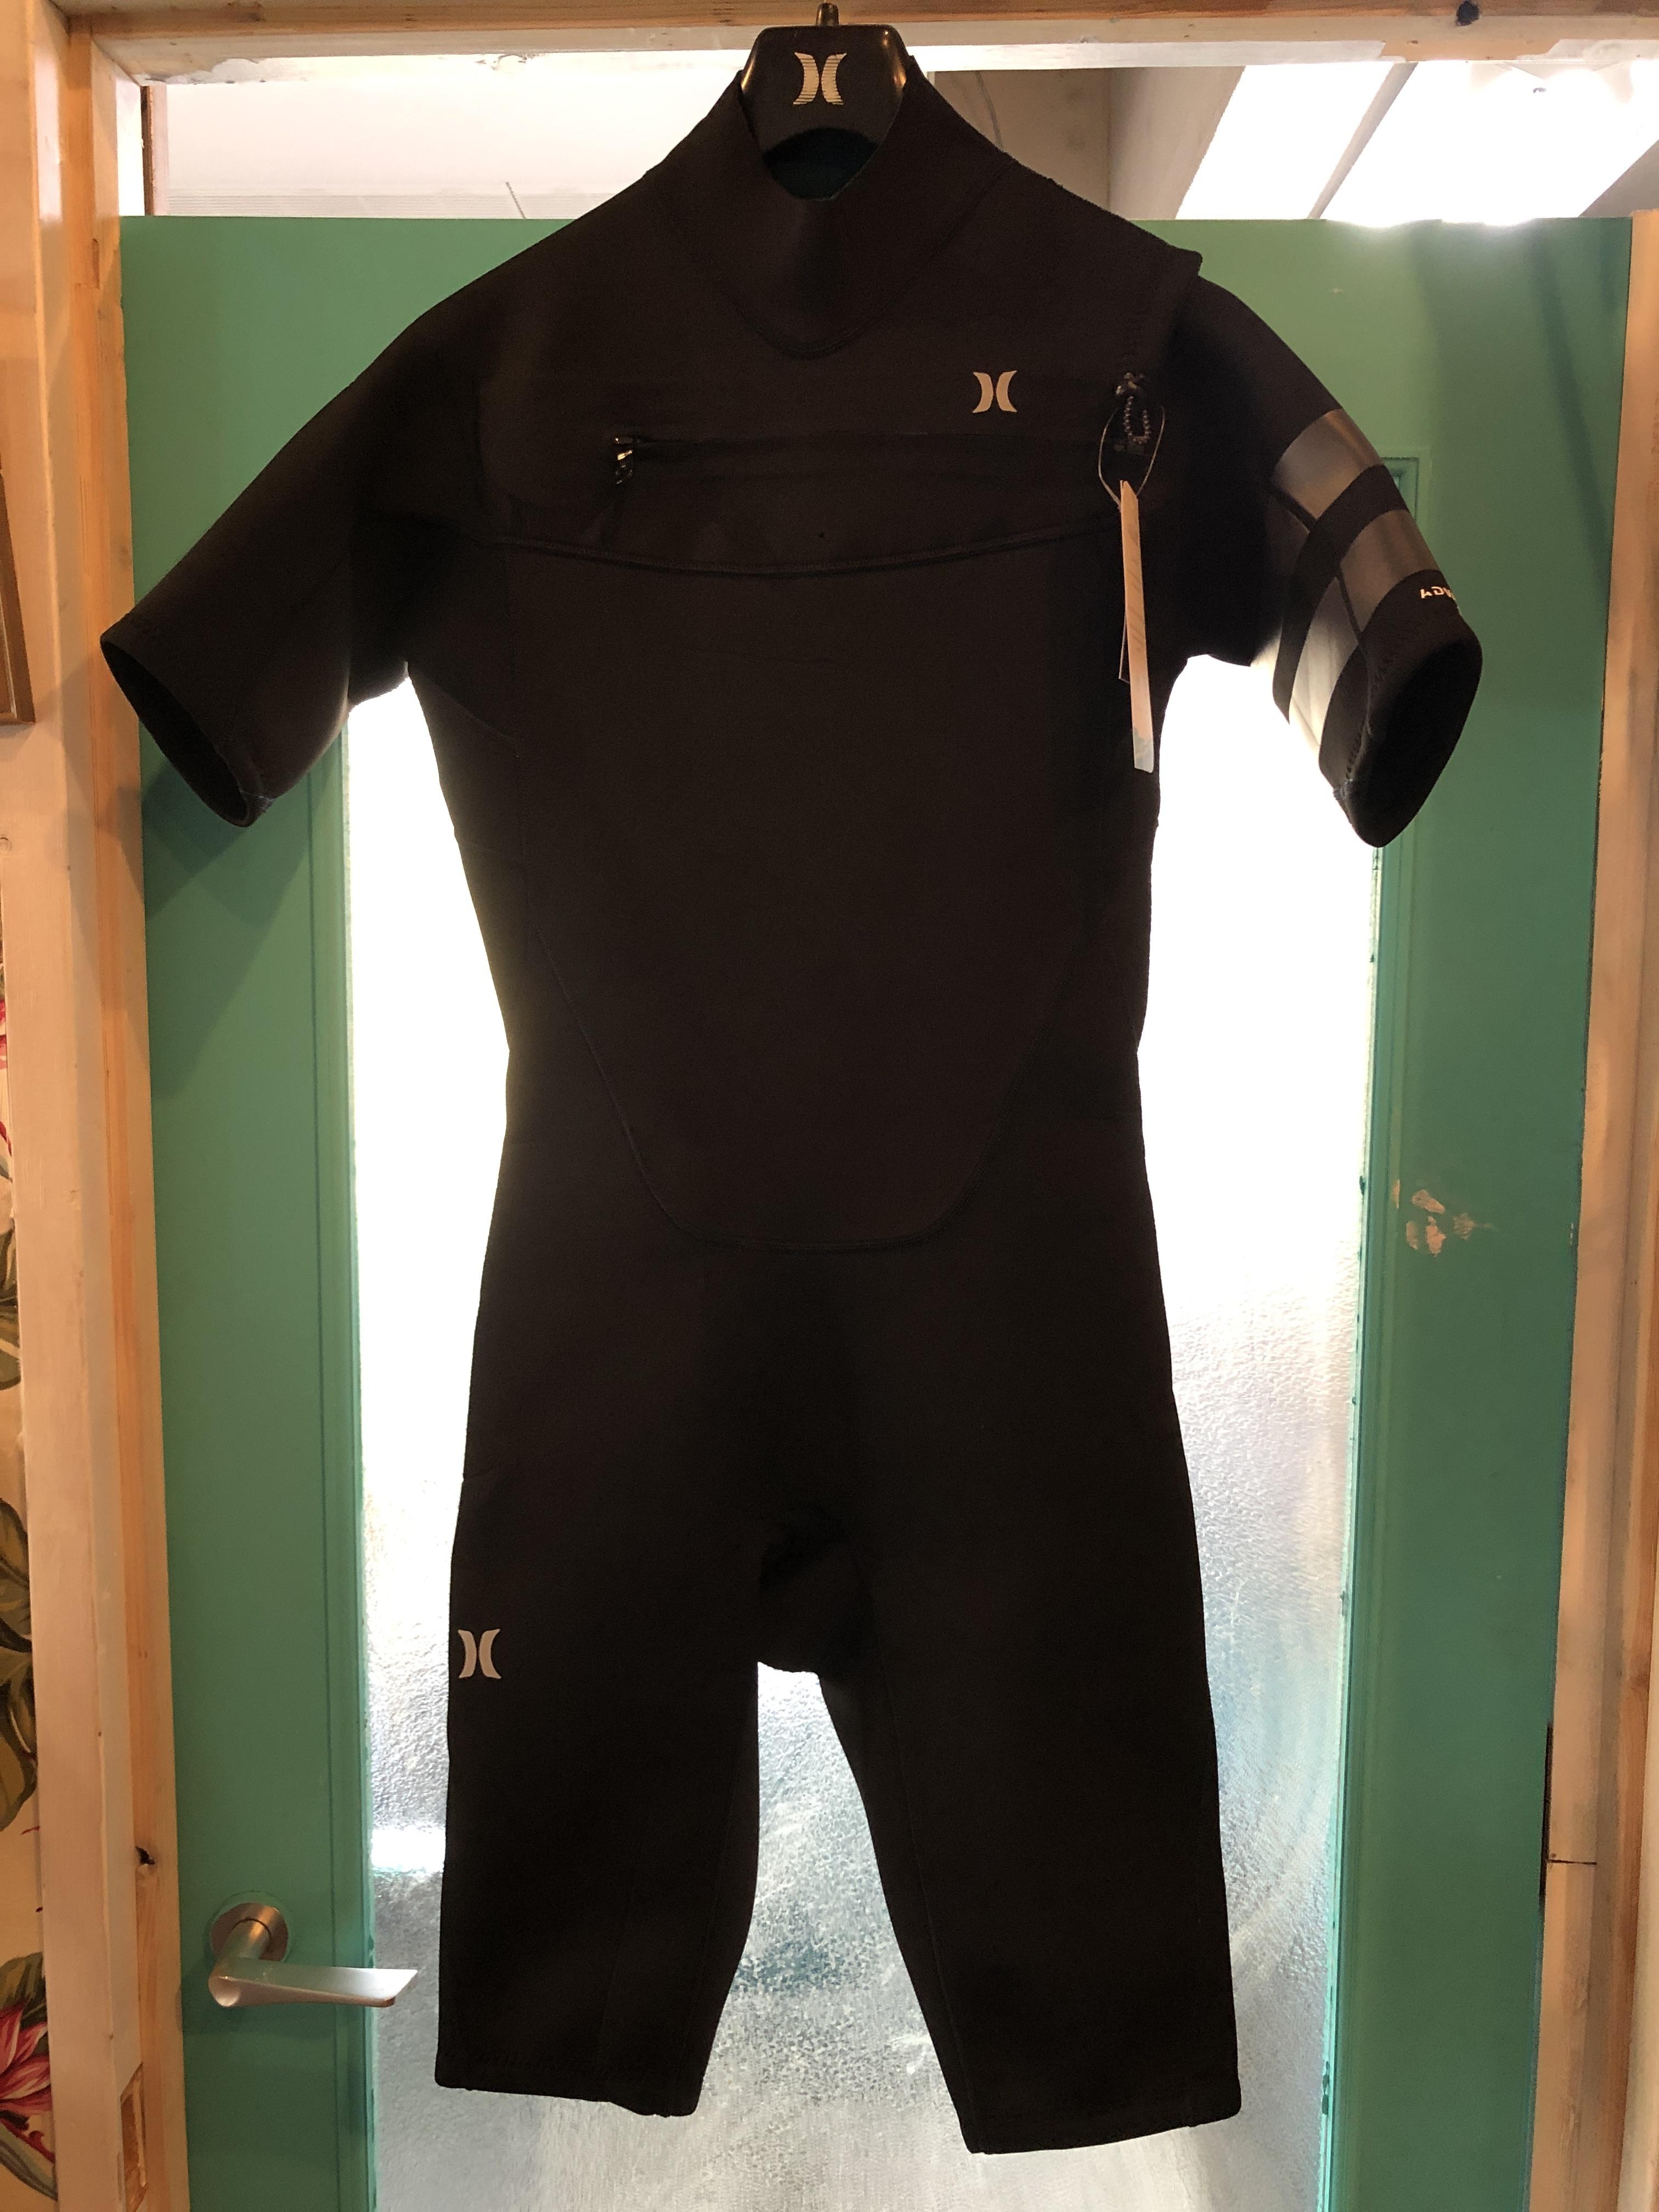 Hurley men's short sleeve spring suit XLサイズ